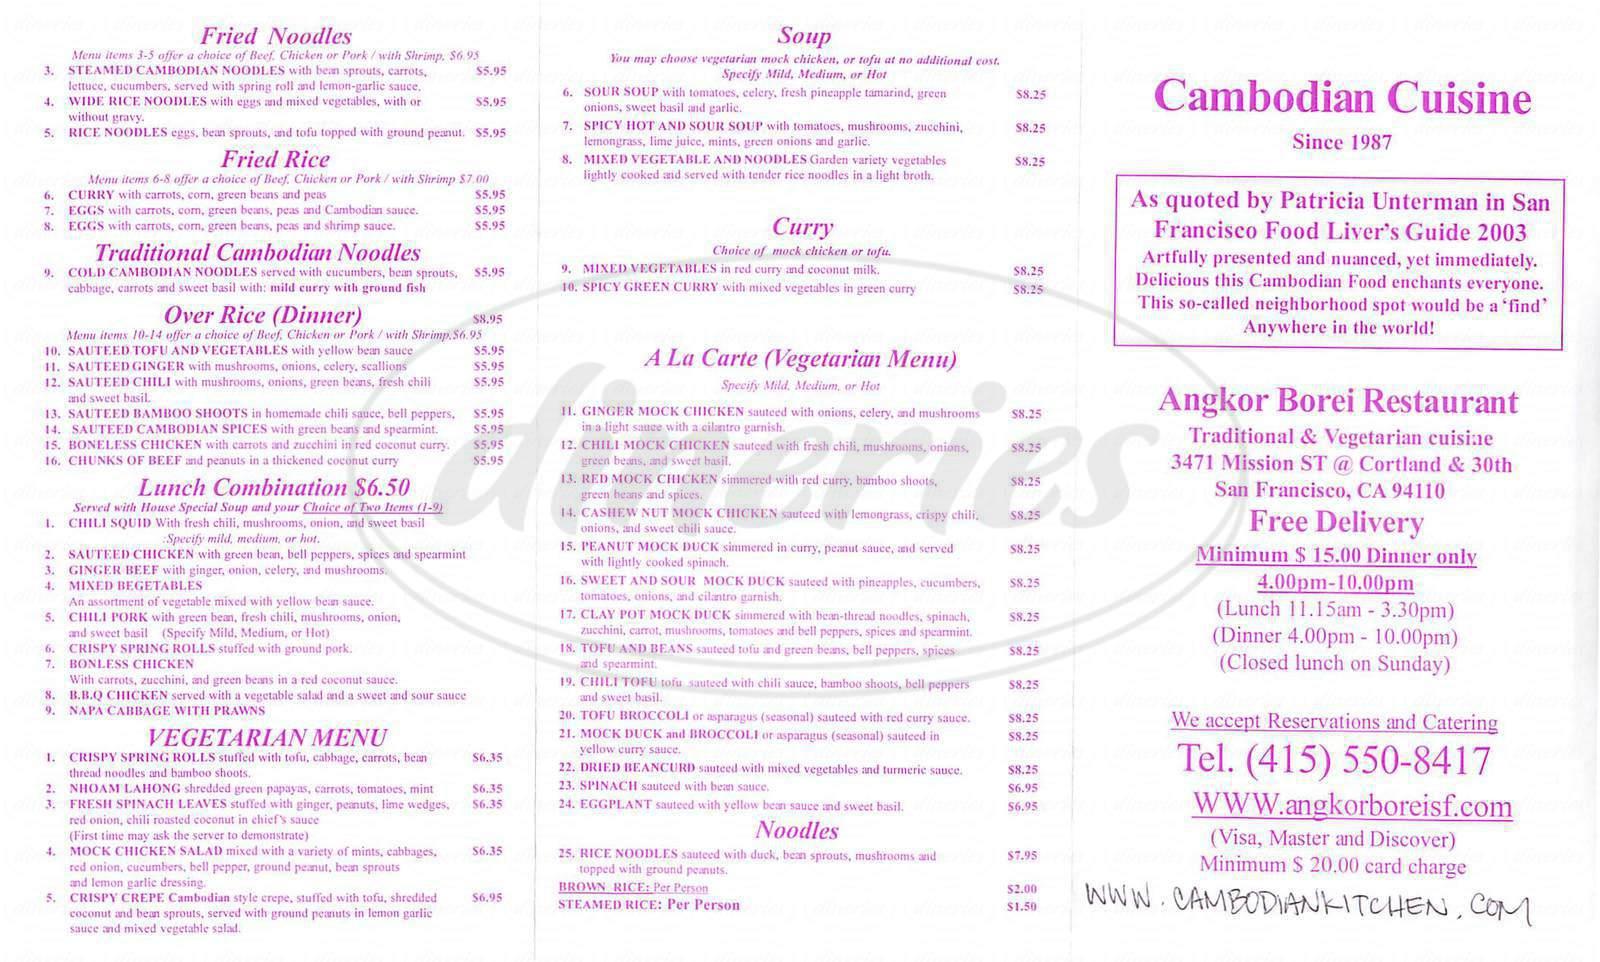 menu for Angkor Borei Restaurant